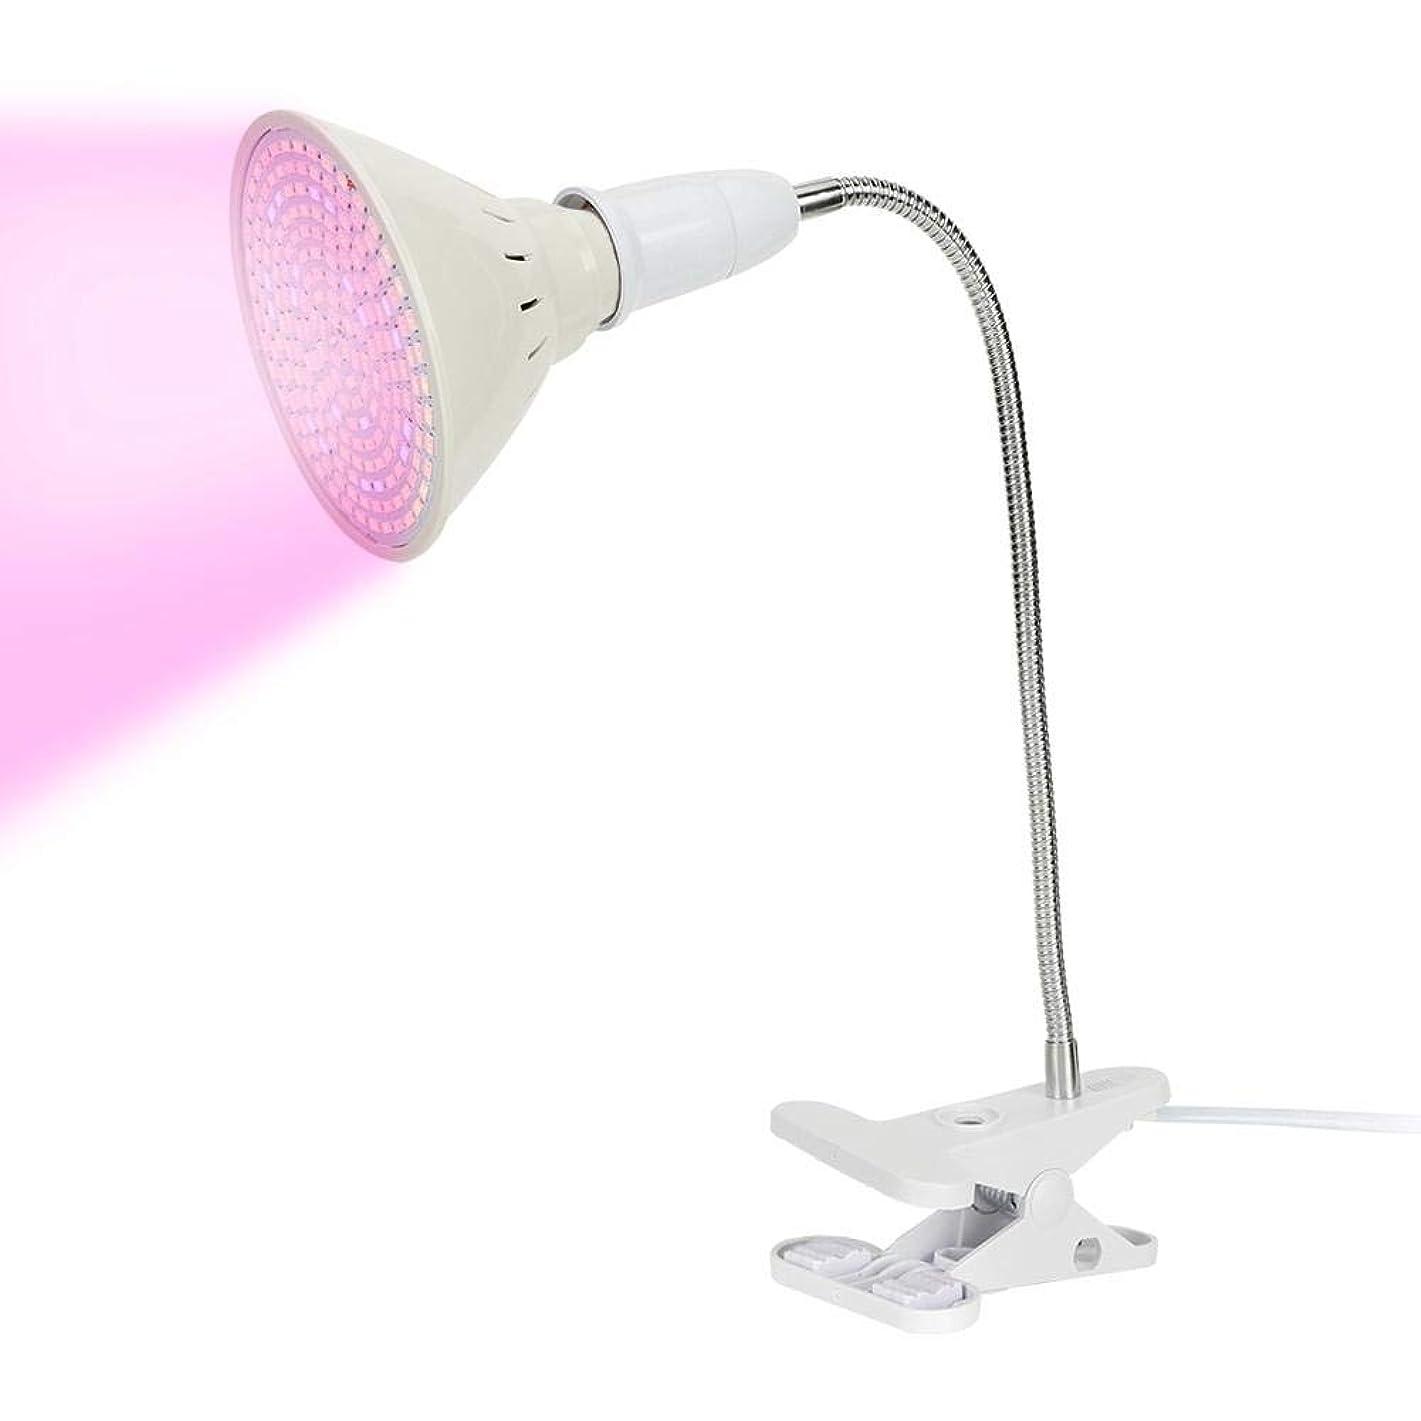 合理的しなければならないルーyuyte 耐久 LED光子マシン 美白 スキンケア タイトポアライトセラピーランプ(セット)